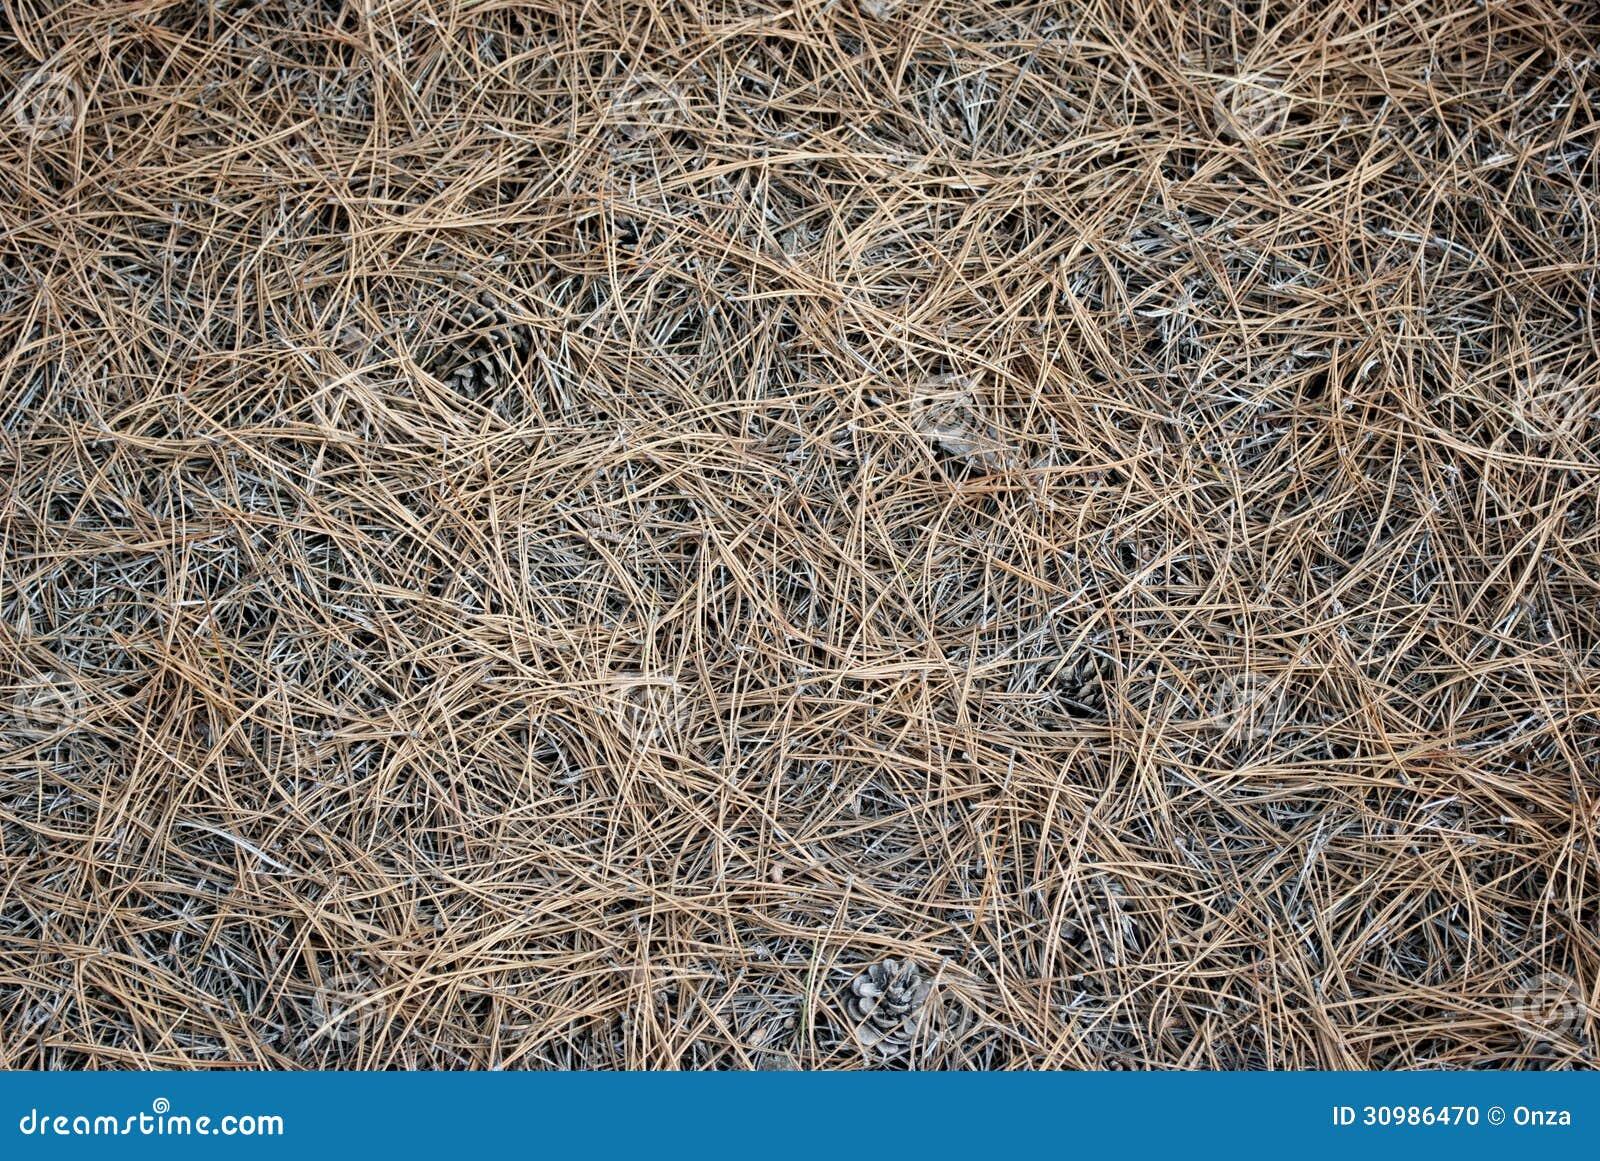 Pine Needles Background Stock Photo Image 30986470